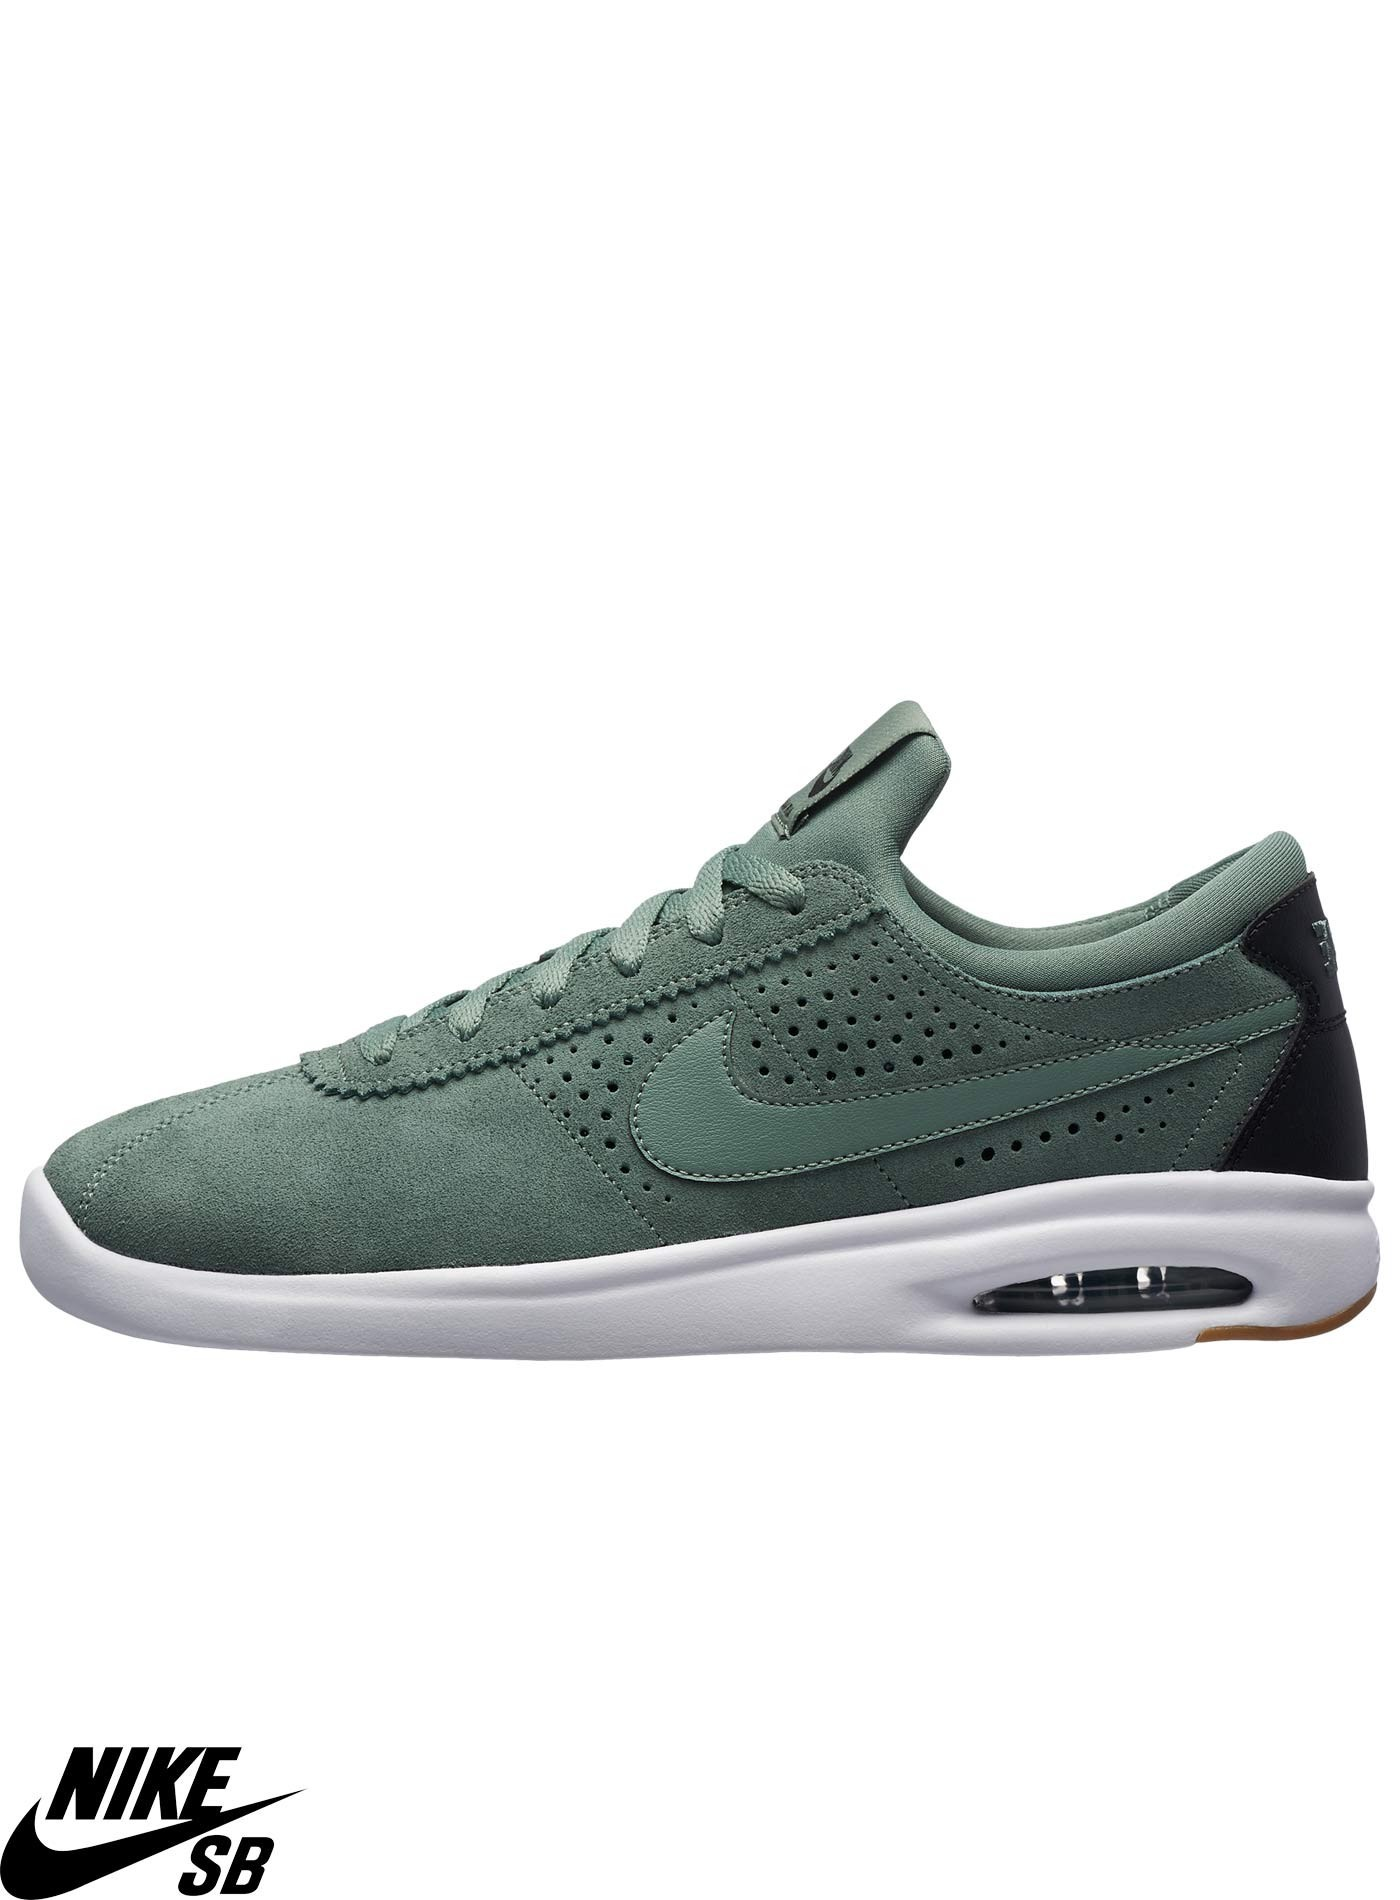 super popular a2609 75d92 ... order scarpe da skate nike sb air max bruin vapor verde 55c18 200a3